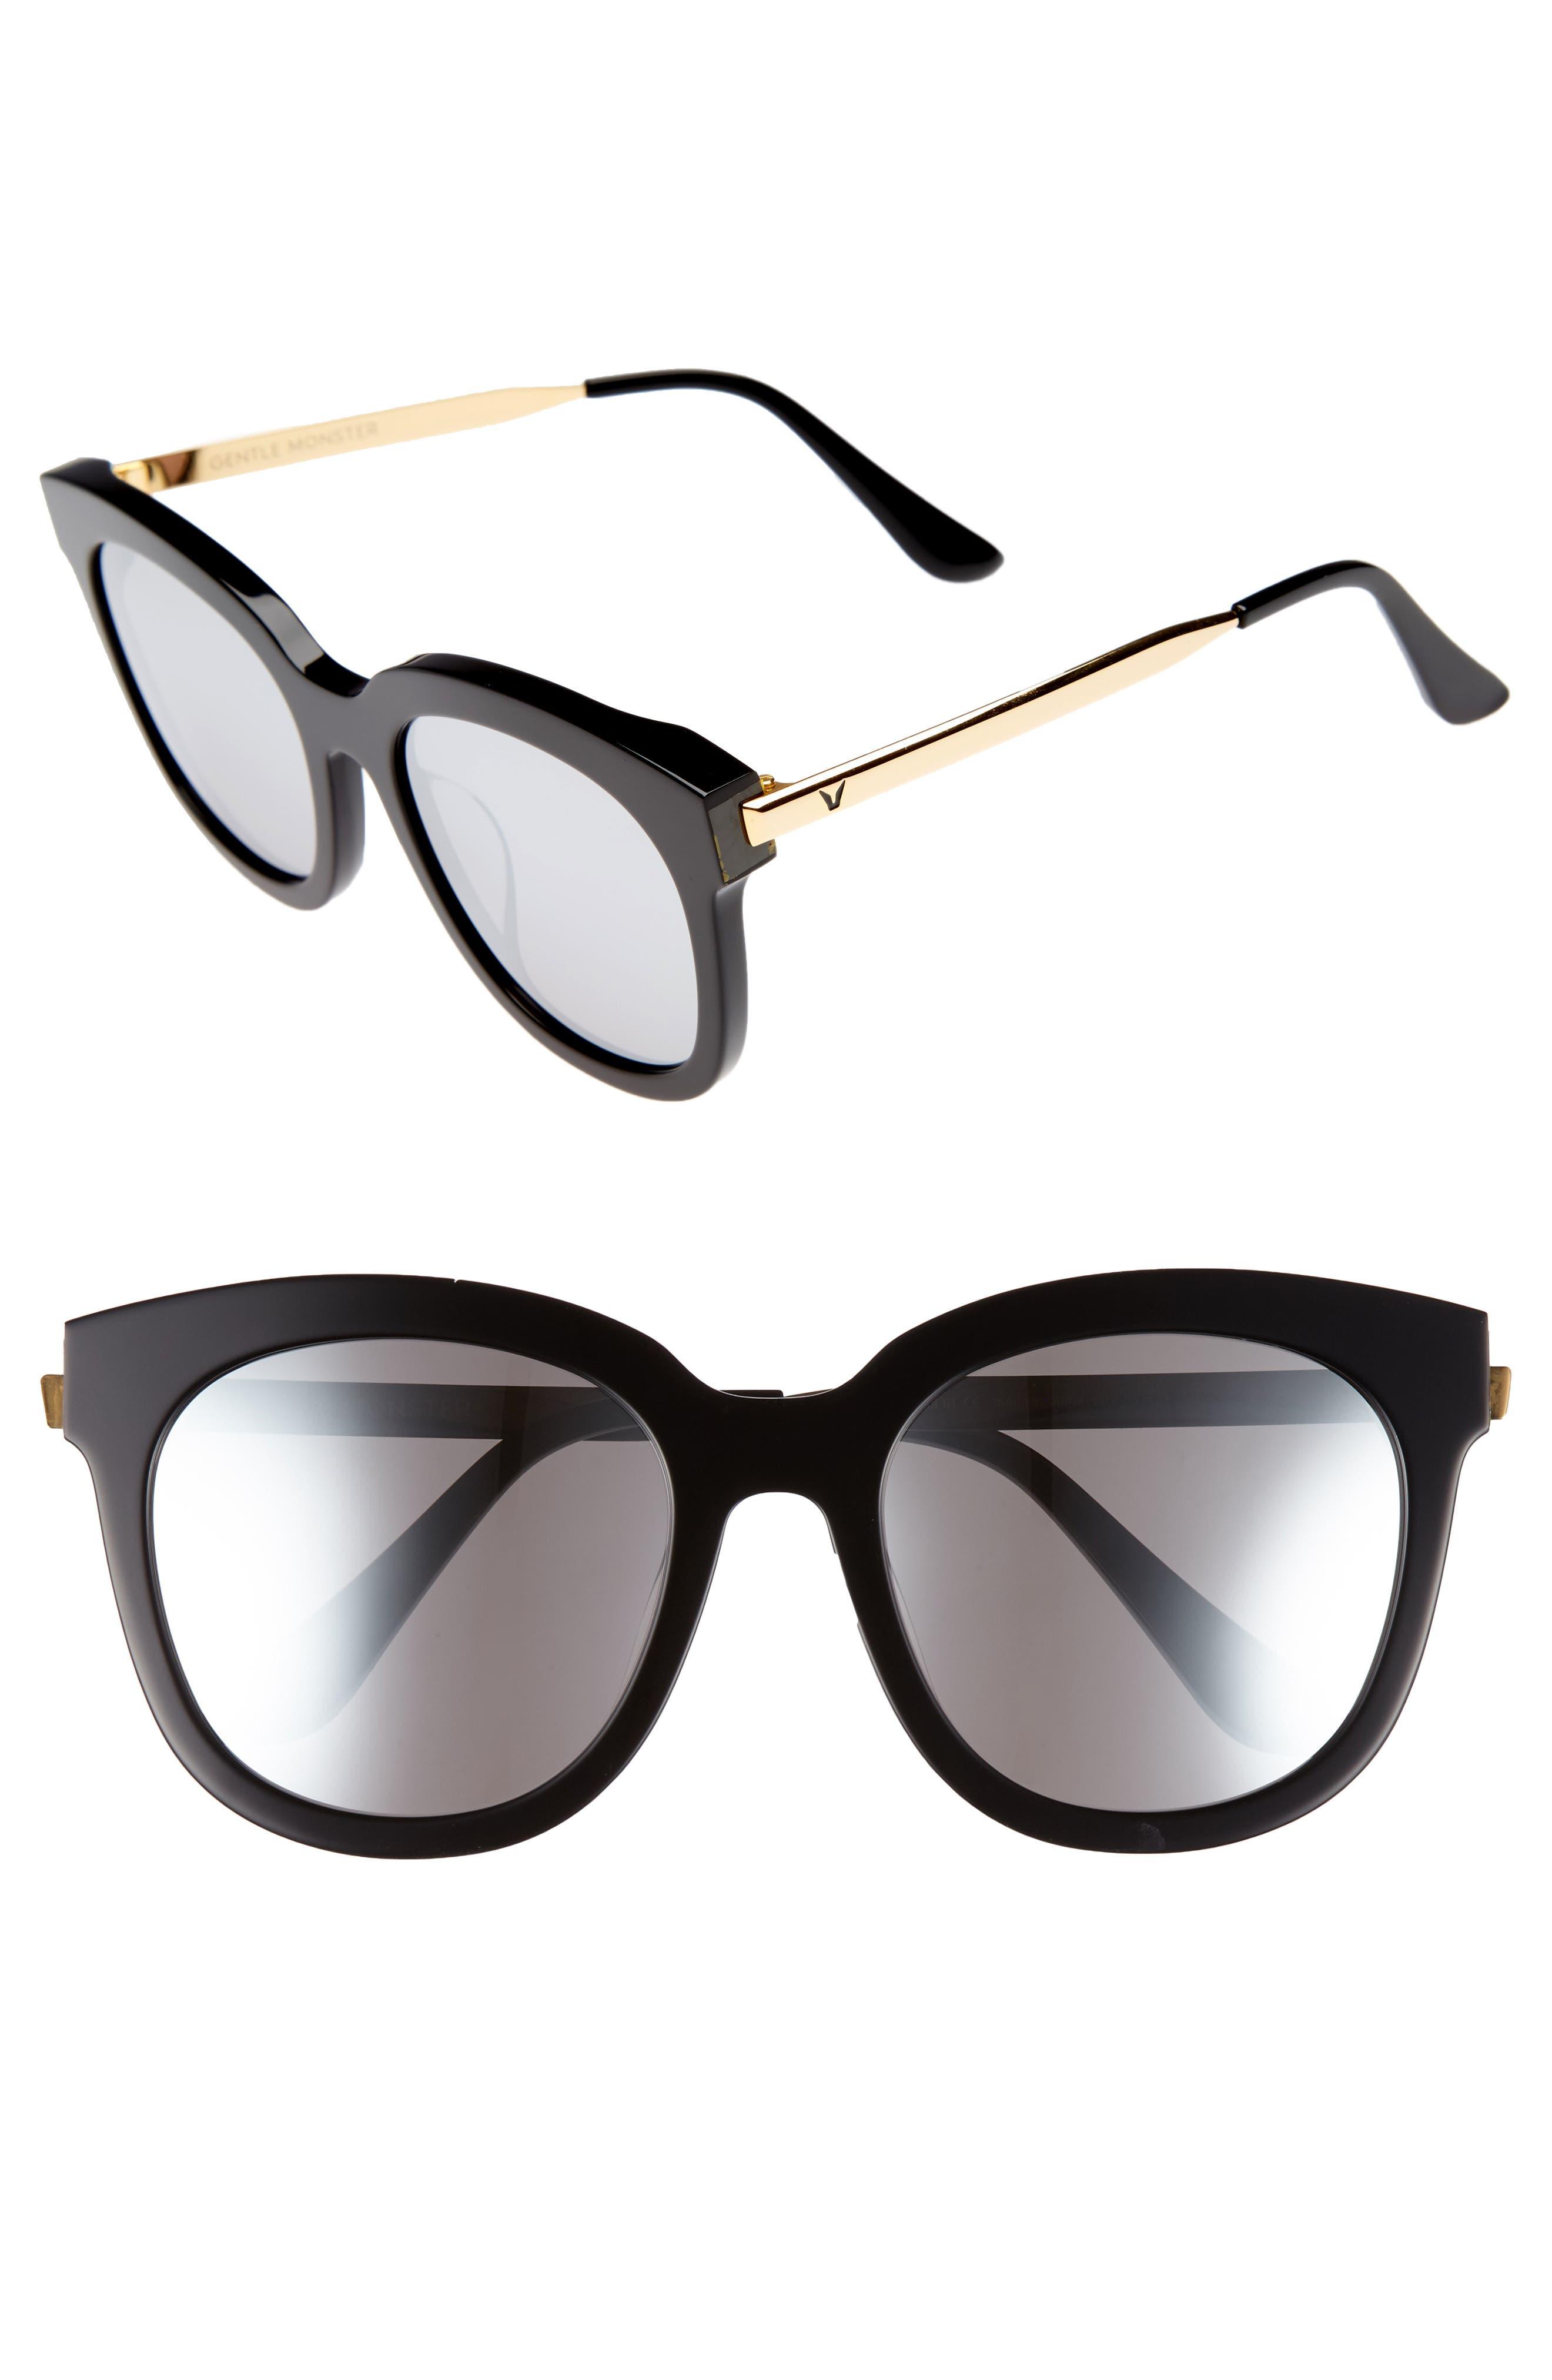 Cuba 503 55mm Zeiss Lens Sunglasses,                             Main thumbnail 1, color,                             001